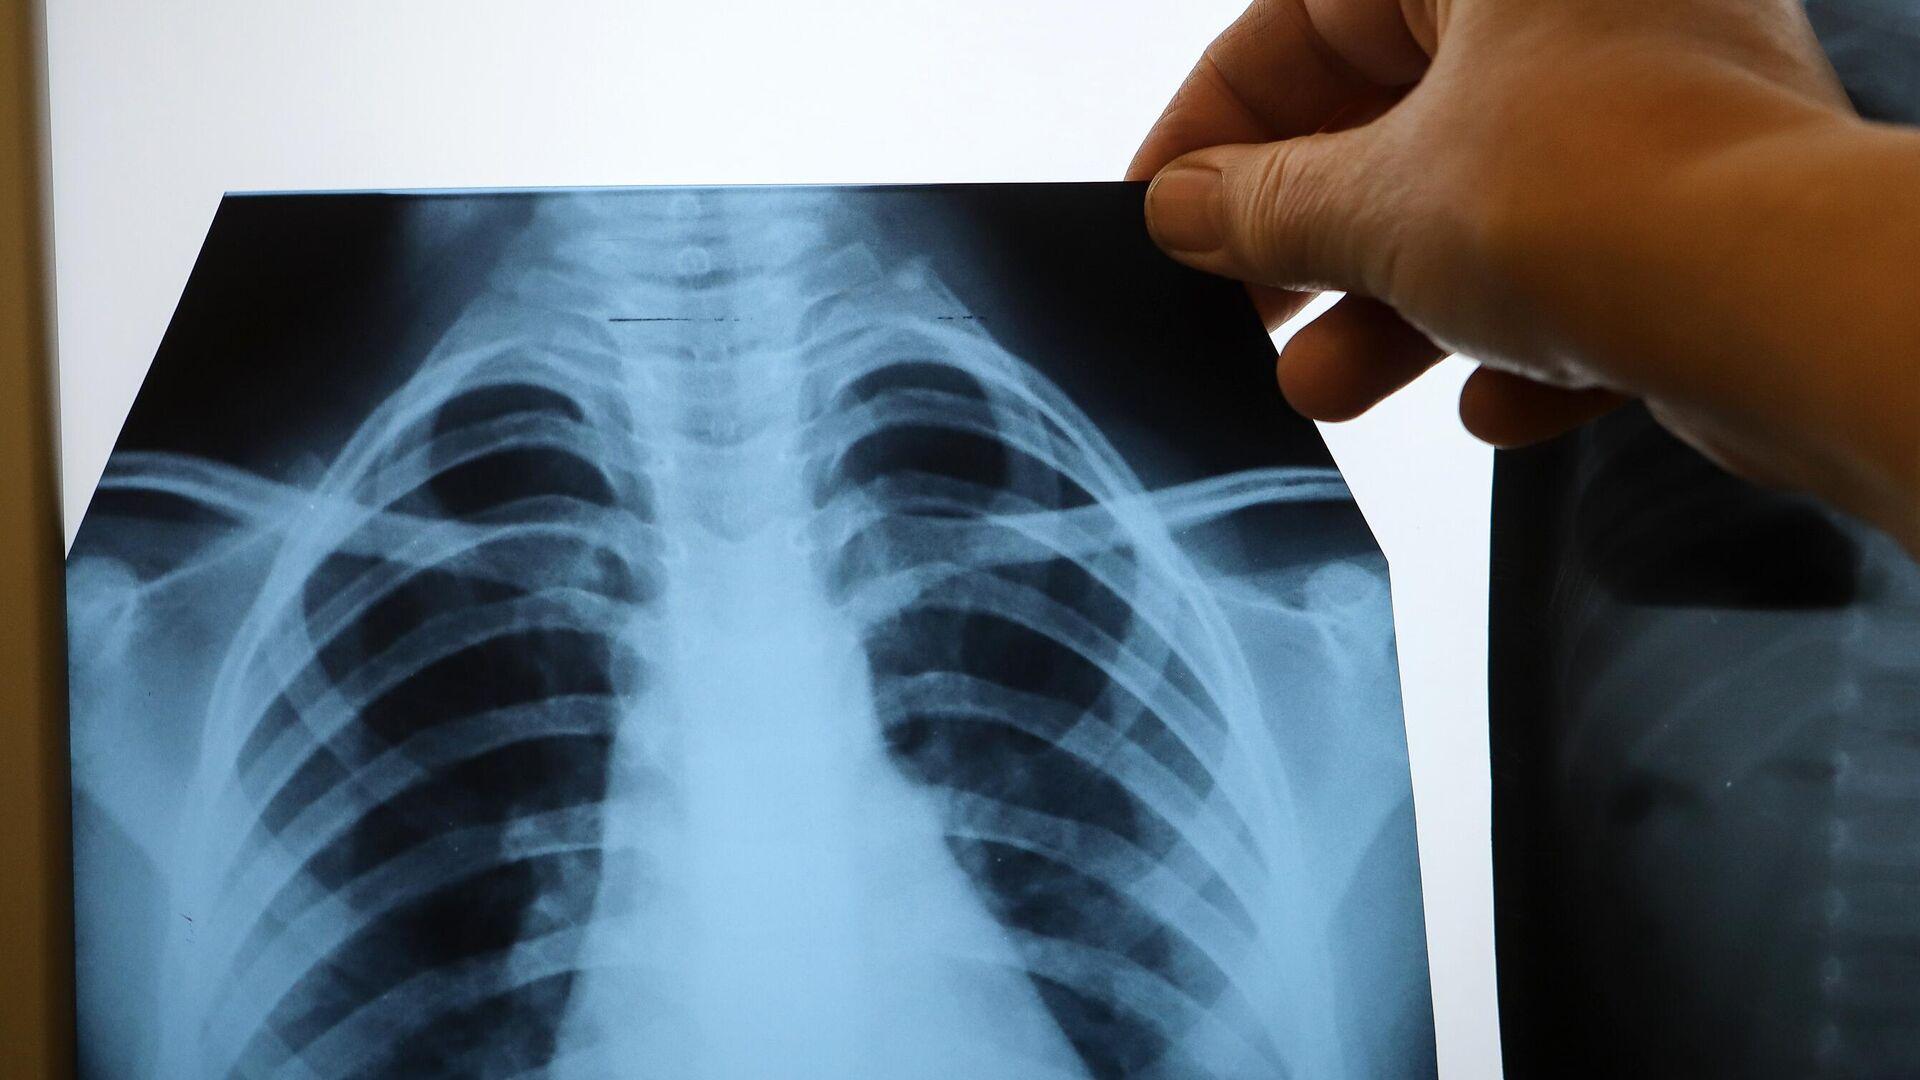 Врач с рентгеном легких в инфекционном корпусе - РИА Новости, 1920, 15.11.2020